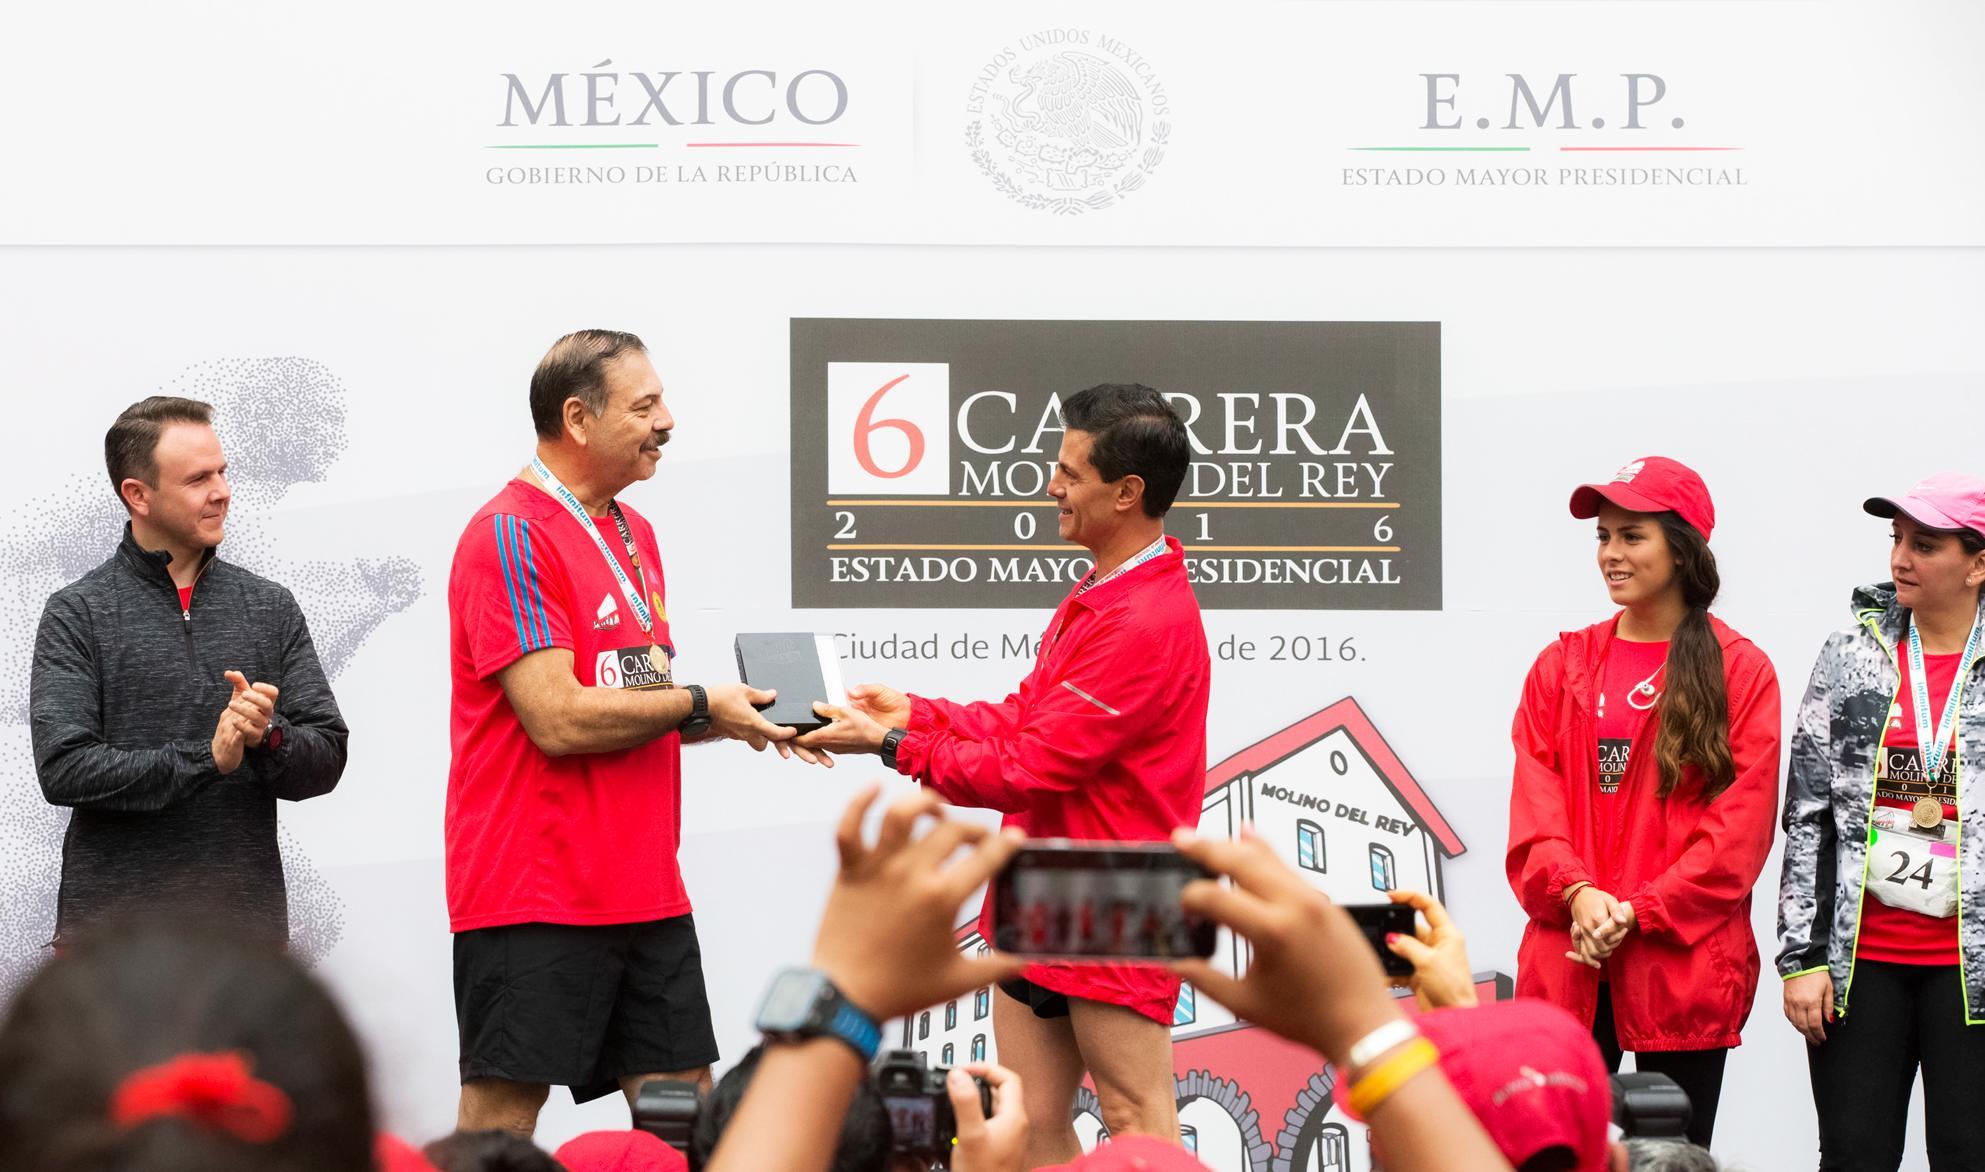 El Primer Mandatario entregó premios a los primeros lugares de las carreras de cinco y diez kilómetros